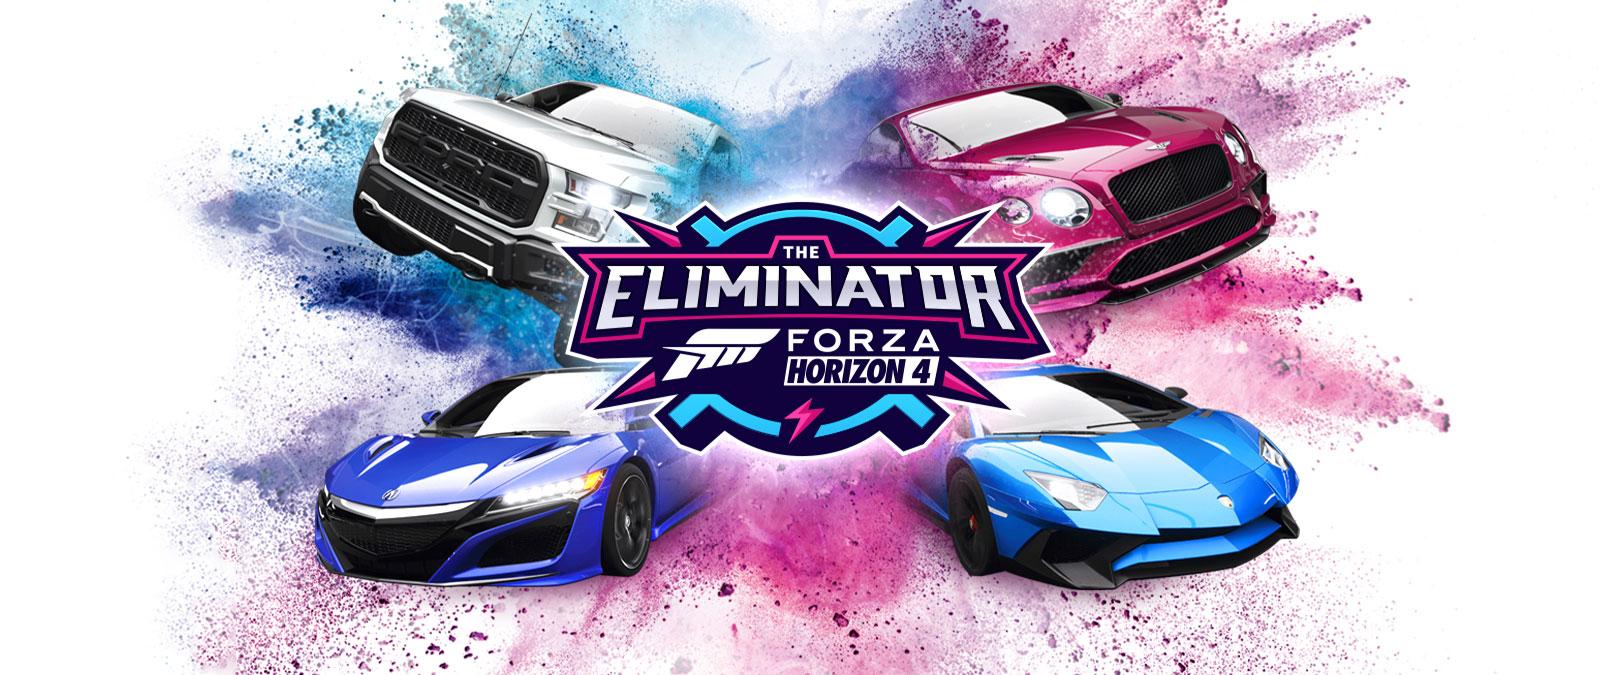 The Eliminator, el logo de Forza Horizon 4, cuatro autos con polvo azul y rosa a su alrededor